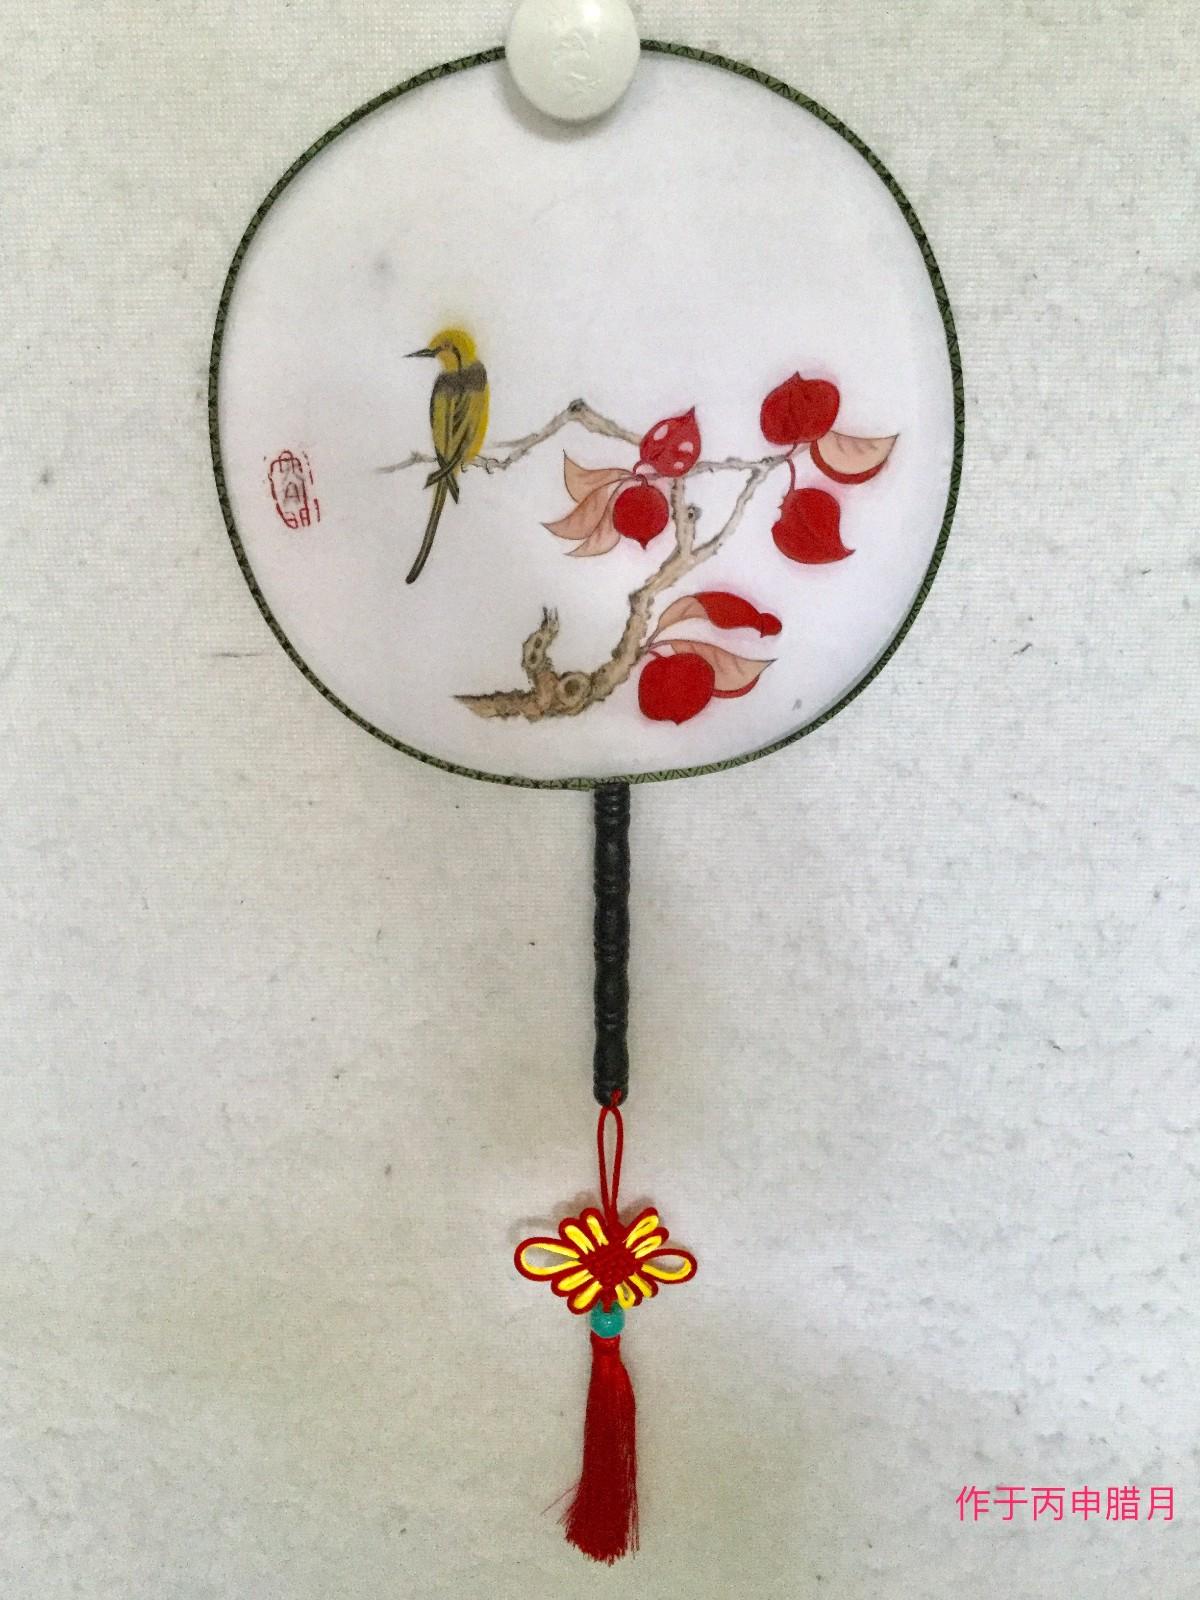 团扇《红叶小鸟》.jpg